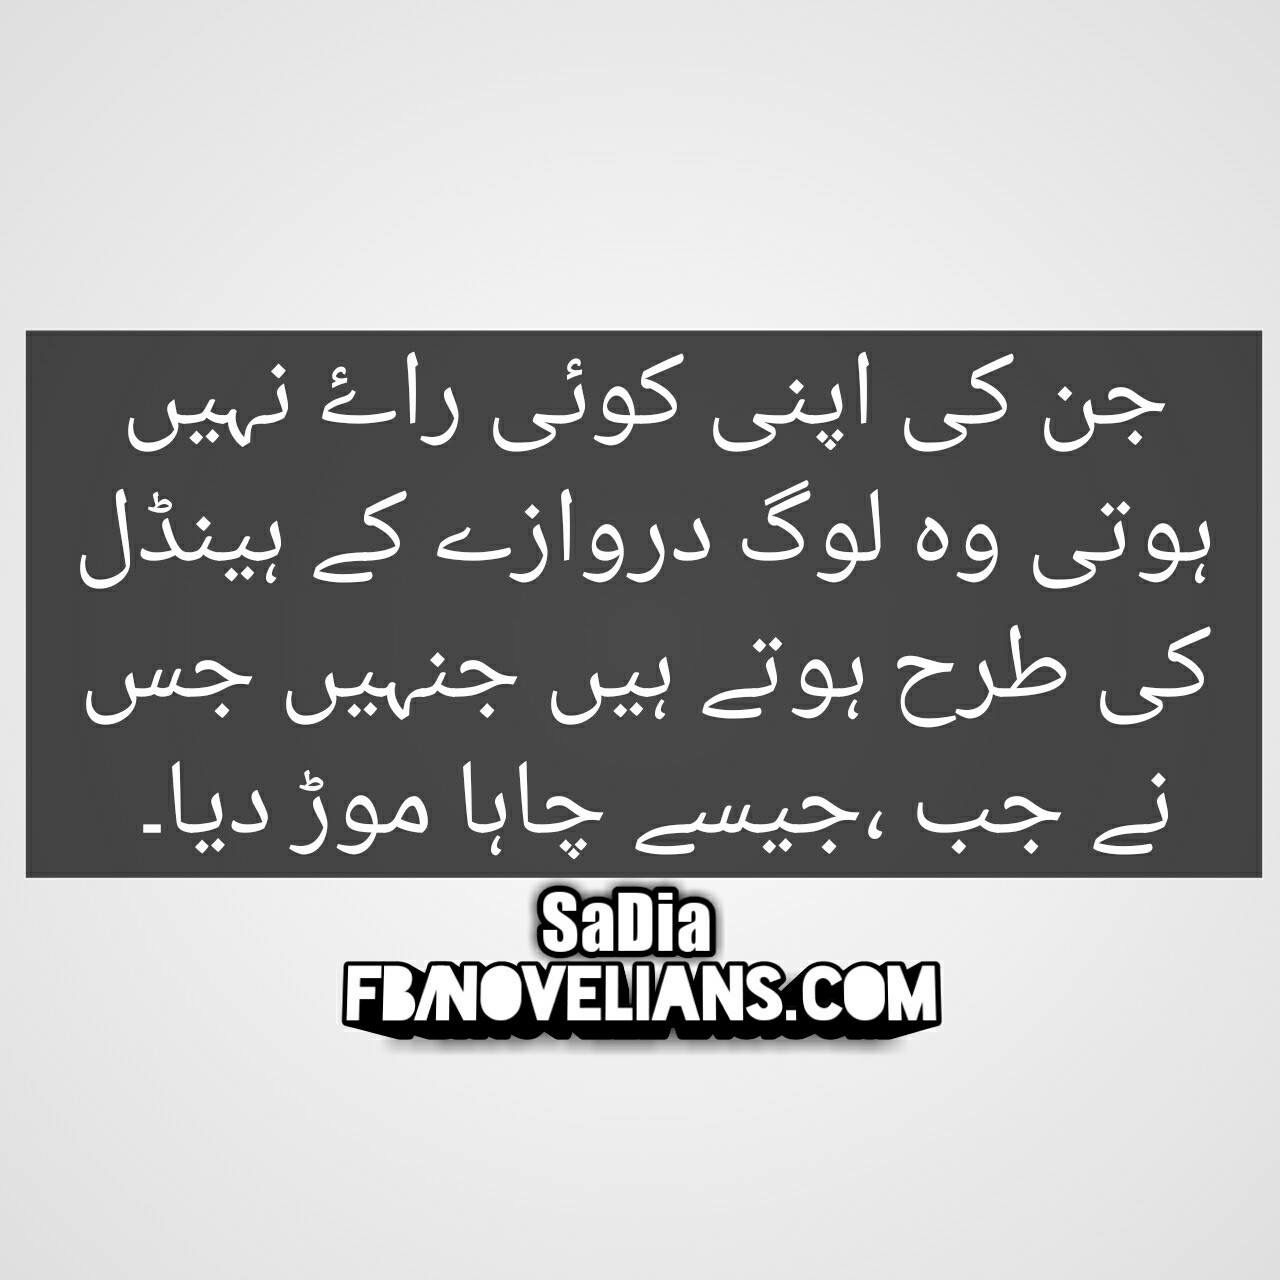 Favorite Quotations About Life Pinalizeekhan On Unique Wods  Pinterest  Urdu Poetry Urdu